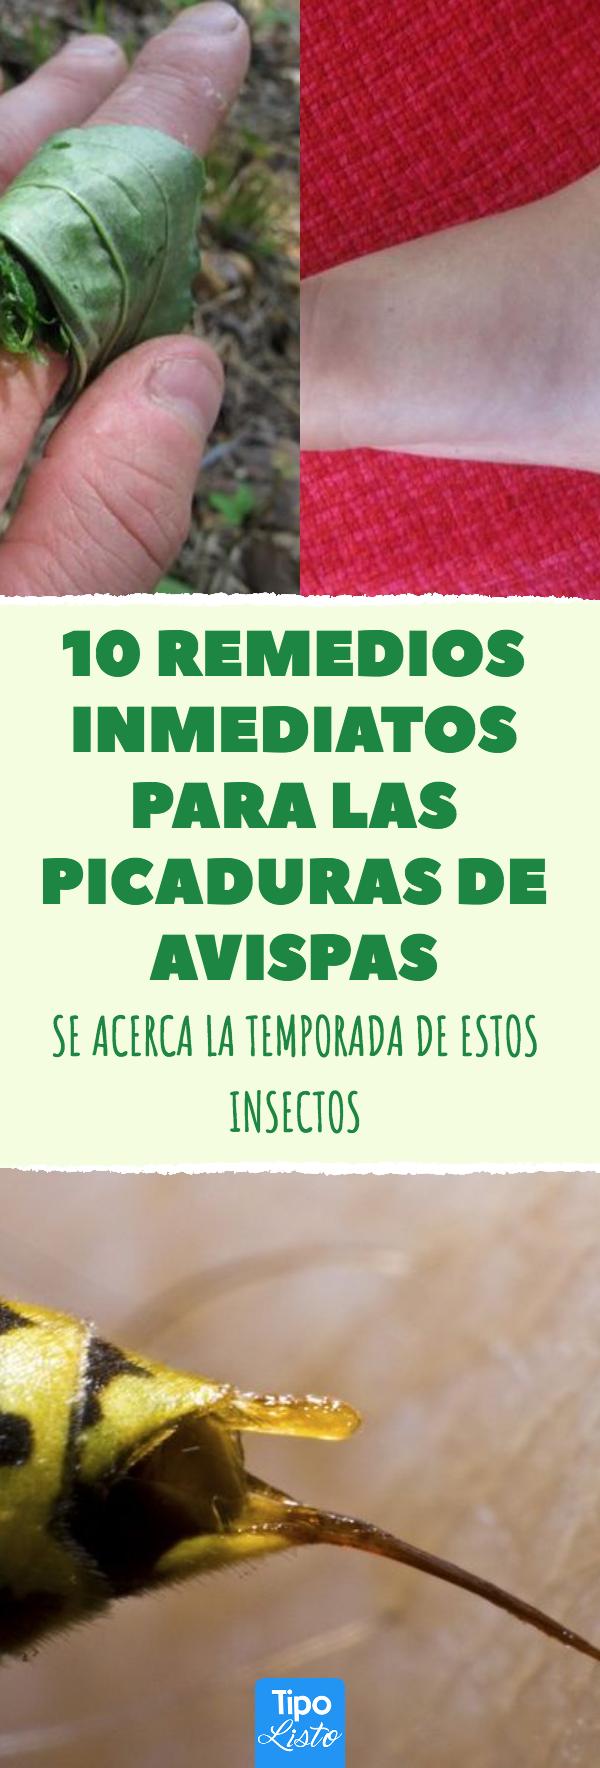 Cómo Aliviar El Dolor De Las Picaduras De Avispas Remedios Simples Y Baratos Para Combatir Los Síntomas De Las Picaduras Picaduras Picadura Abeja Remedios